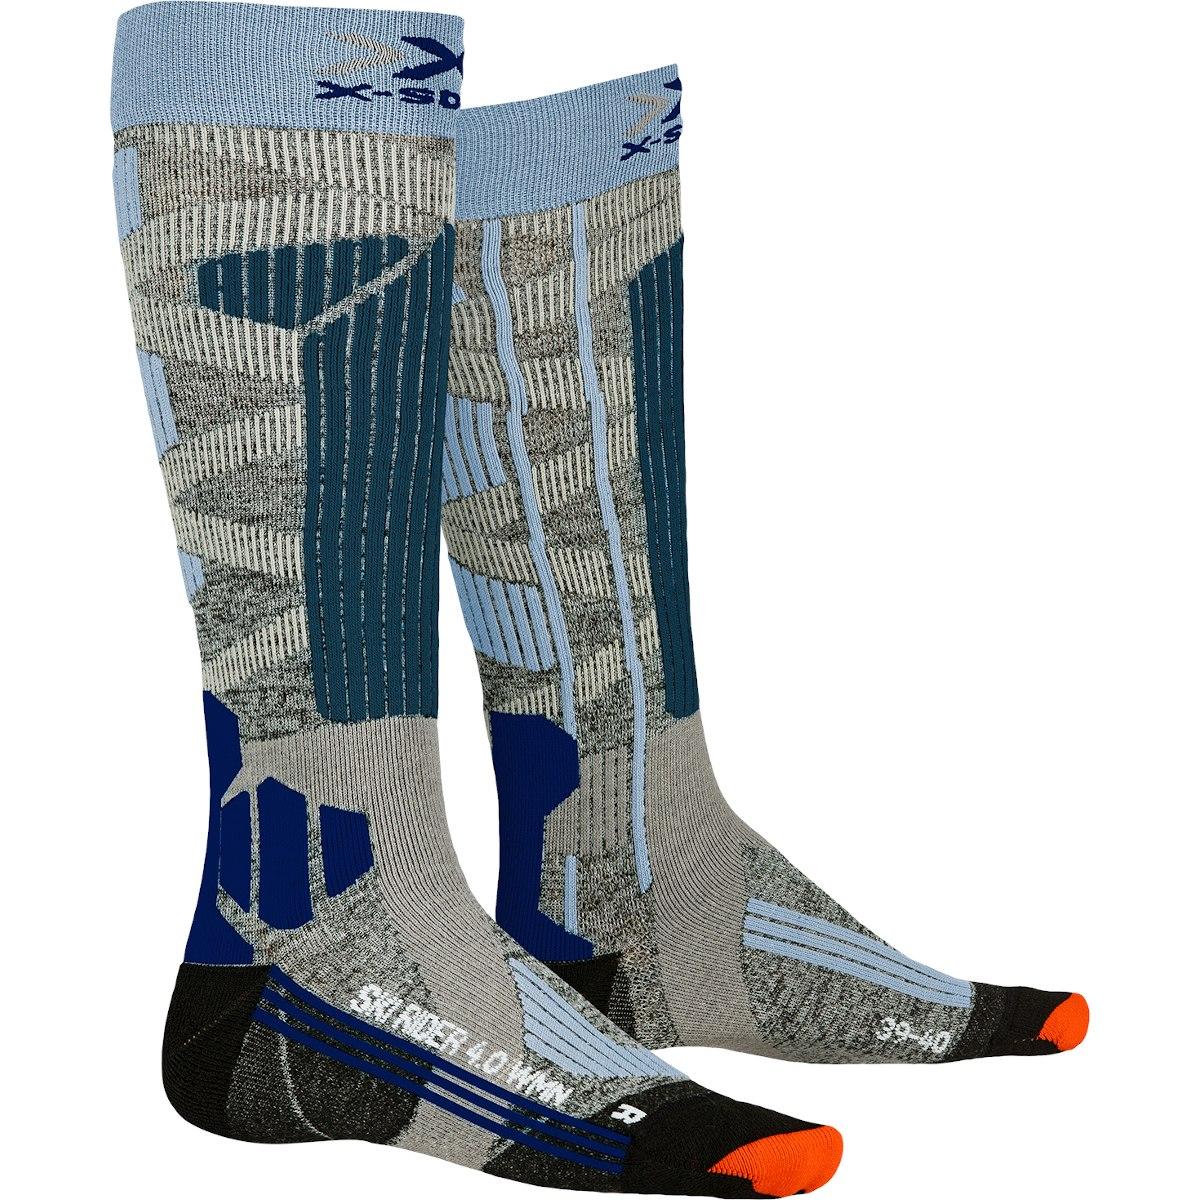 X-Socks Ski Rider 4.0 Socks for Women - stone grey melange/mineral blue